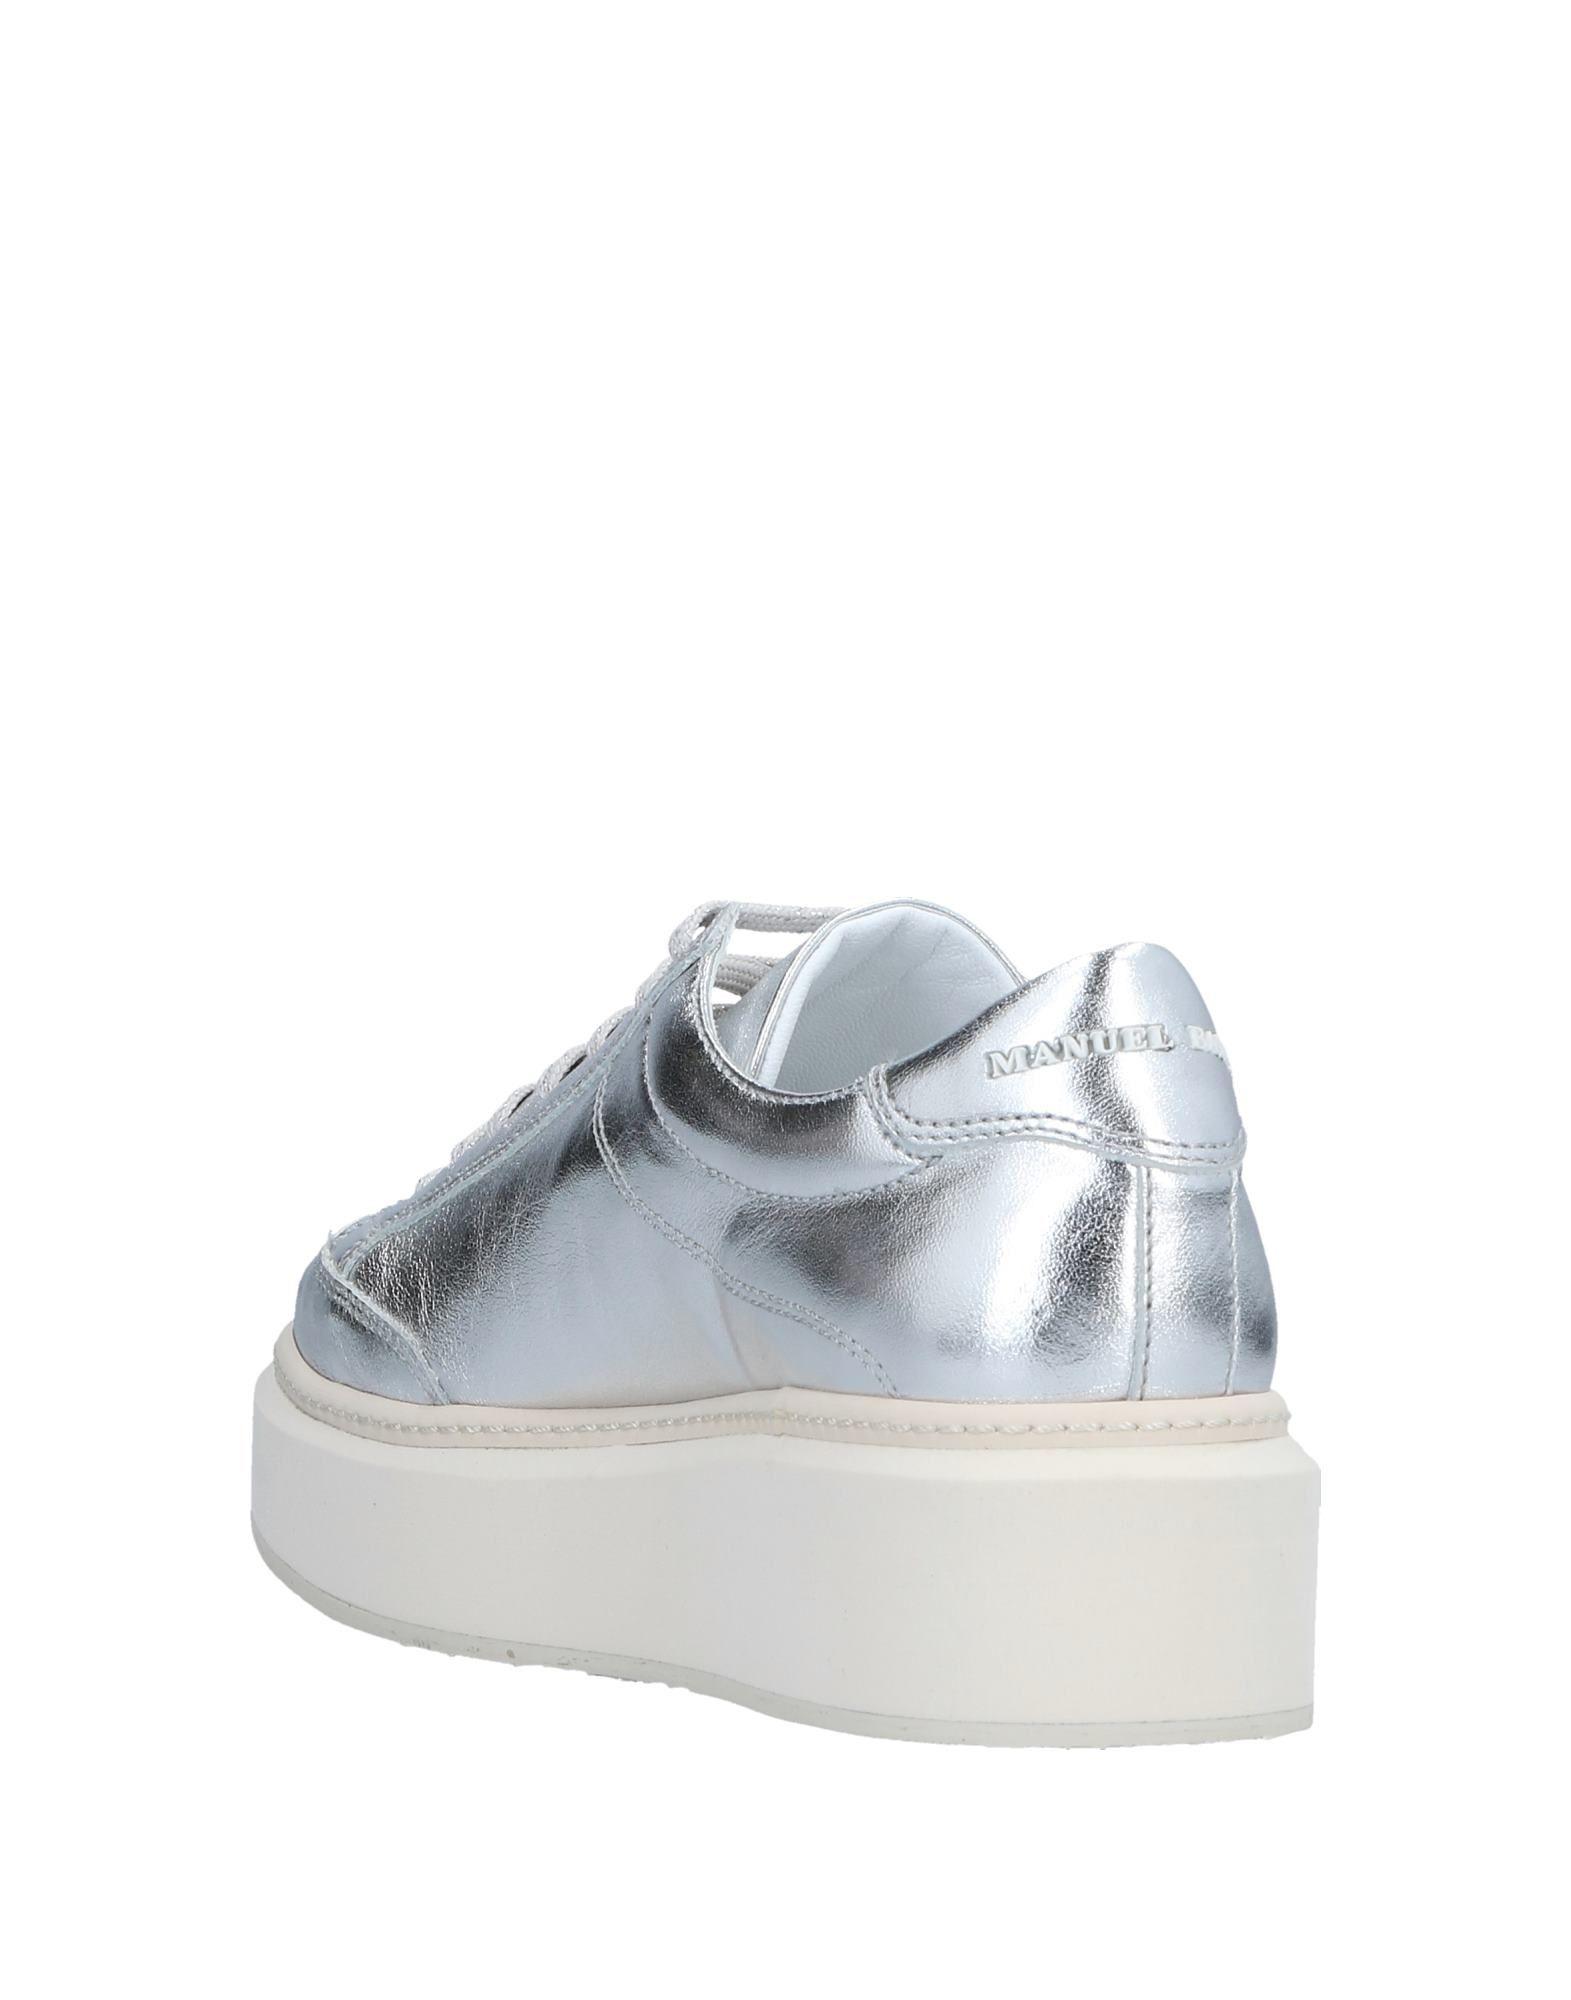 Manuel Barceló Sneakers Damen   11534857NJ f4ee3a